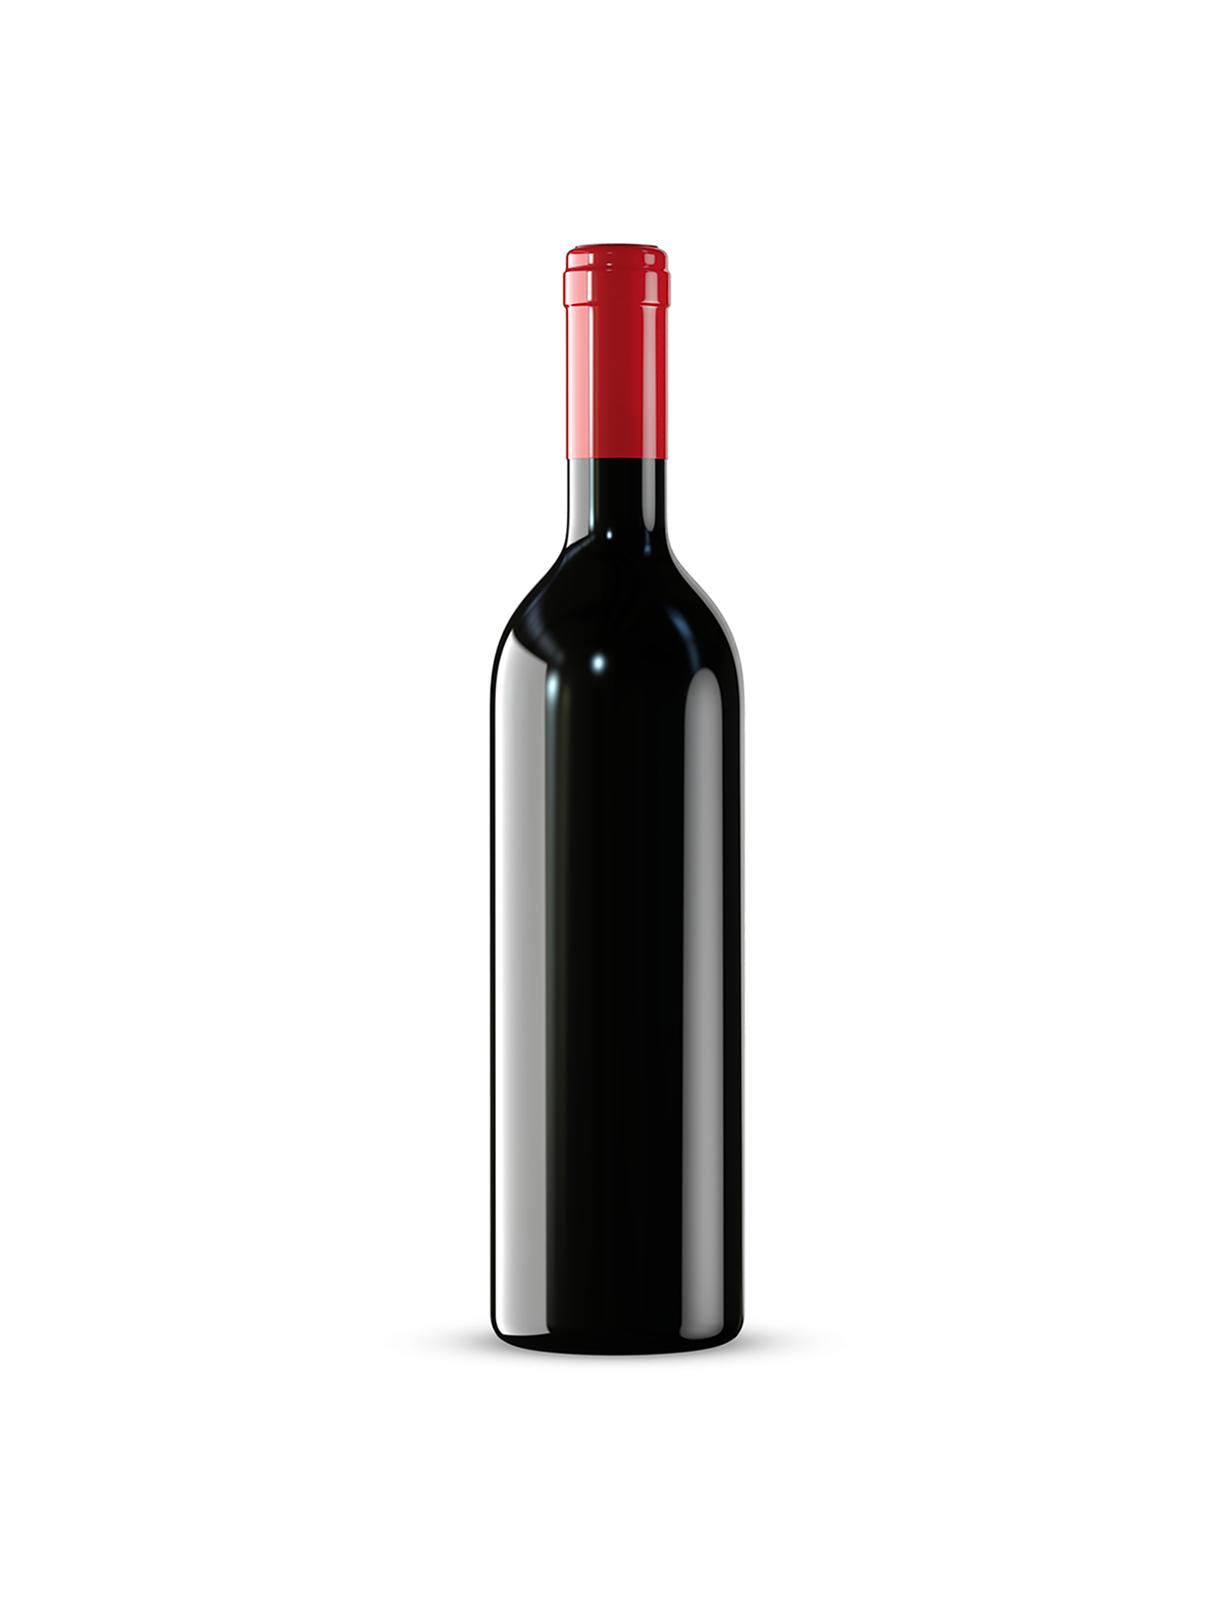 2A Sauvignon Blanc 2016